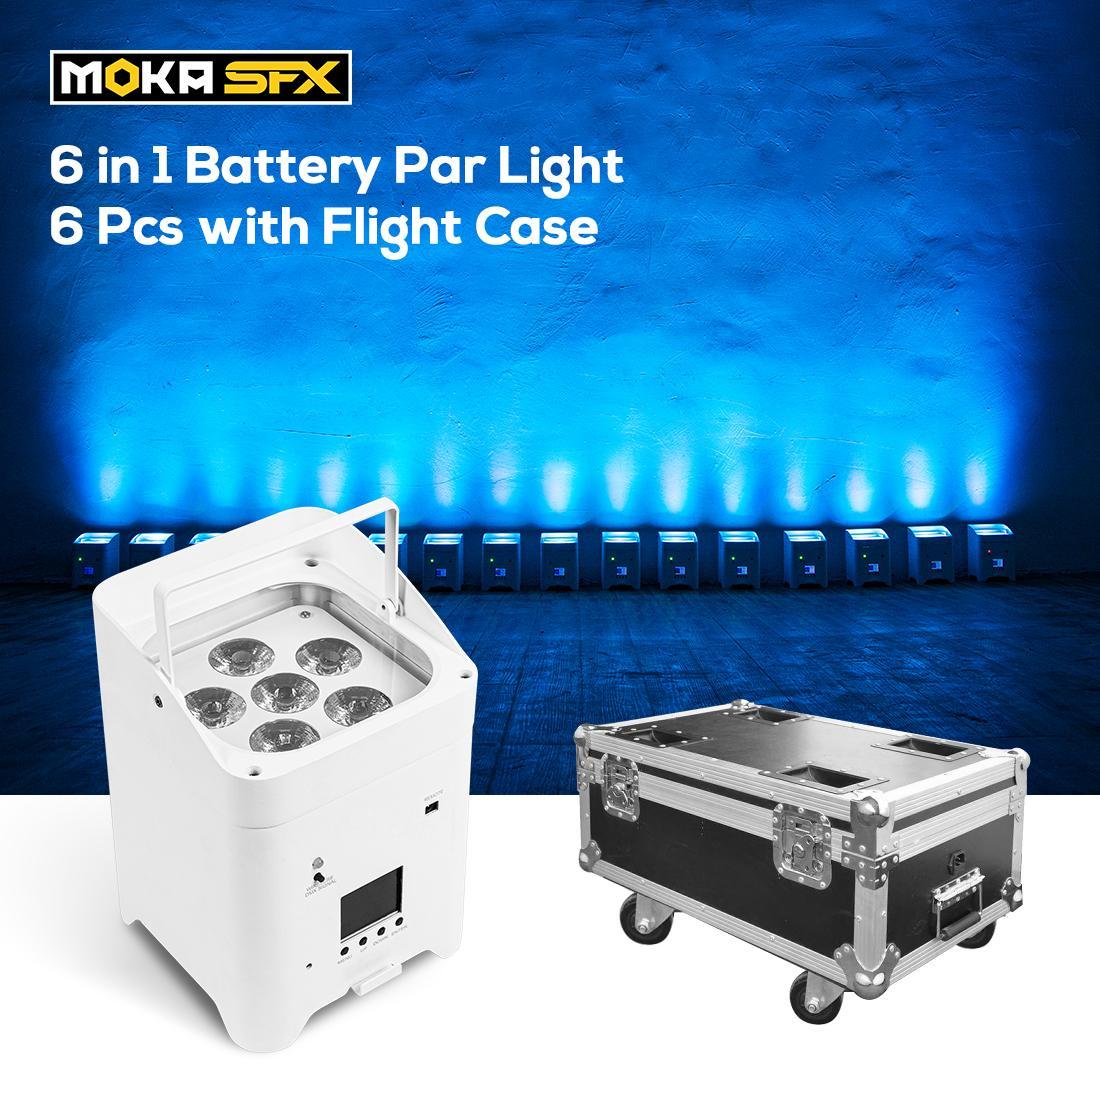 Efectos del LED de la luz de la luz de la batería 6PCS con la caja de vuelo 6x18W RGBWAUV Upsights DMX Control de WiFi remoto para la decoración de la boda